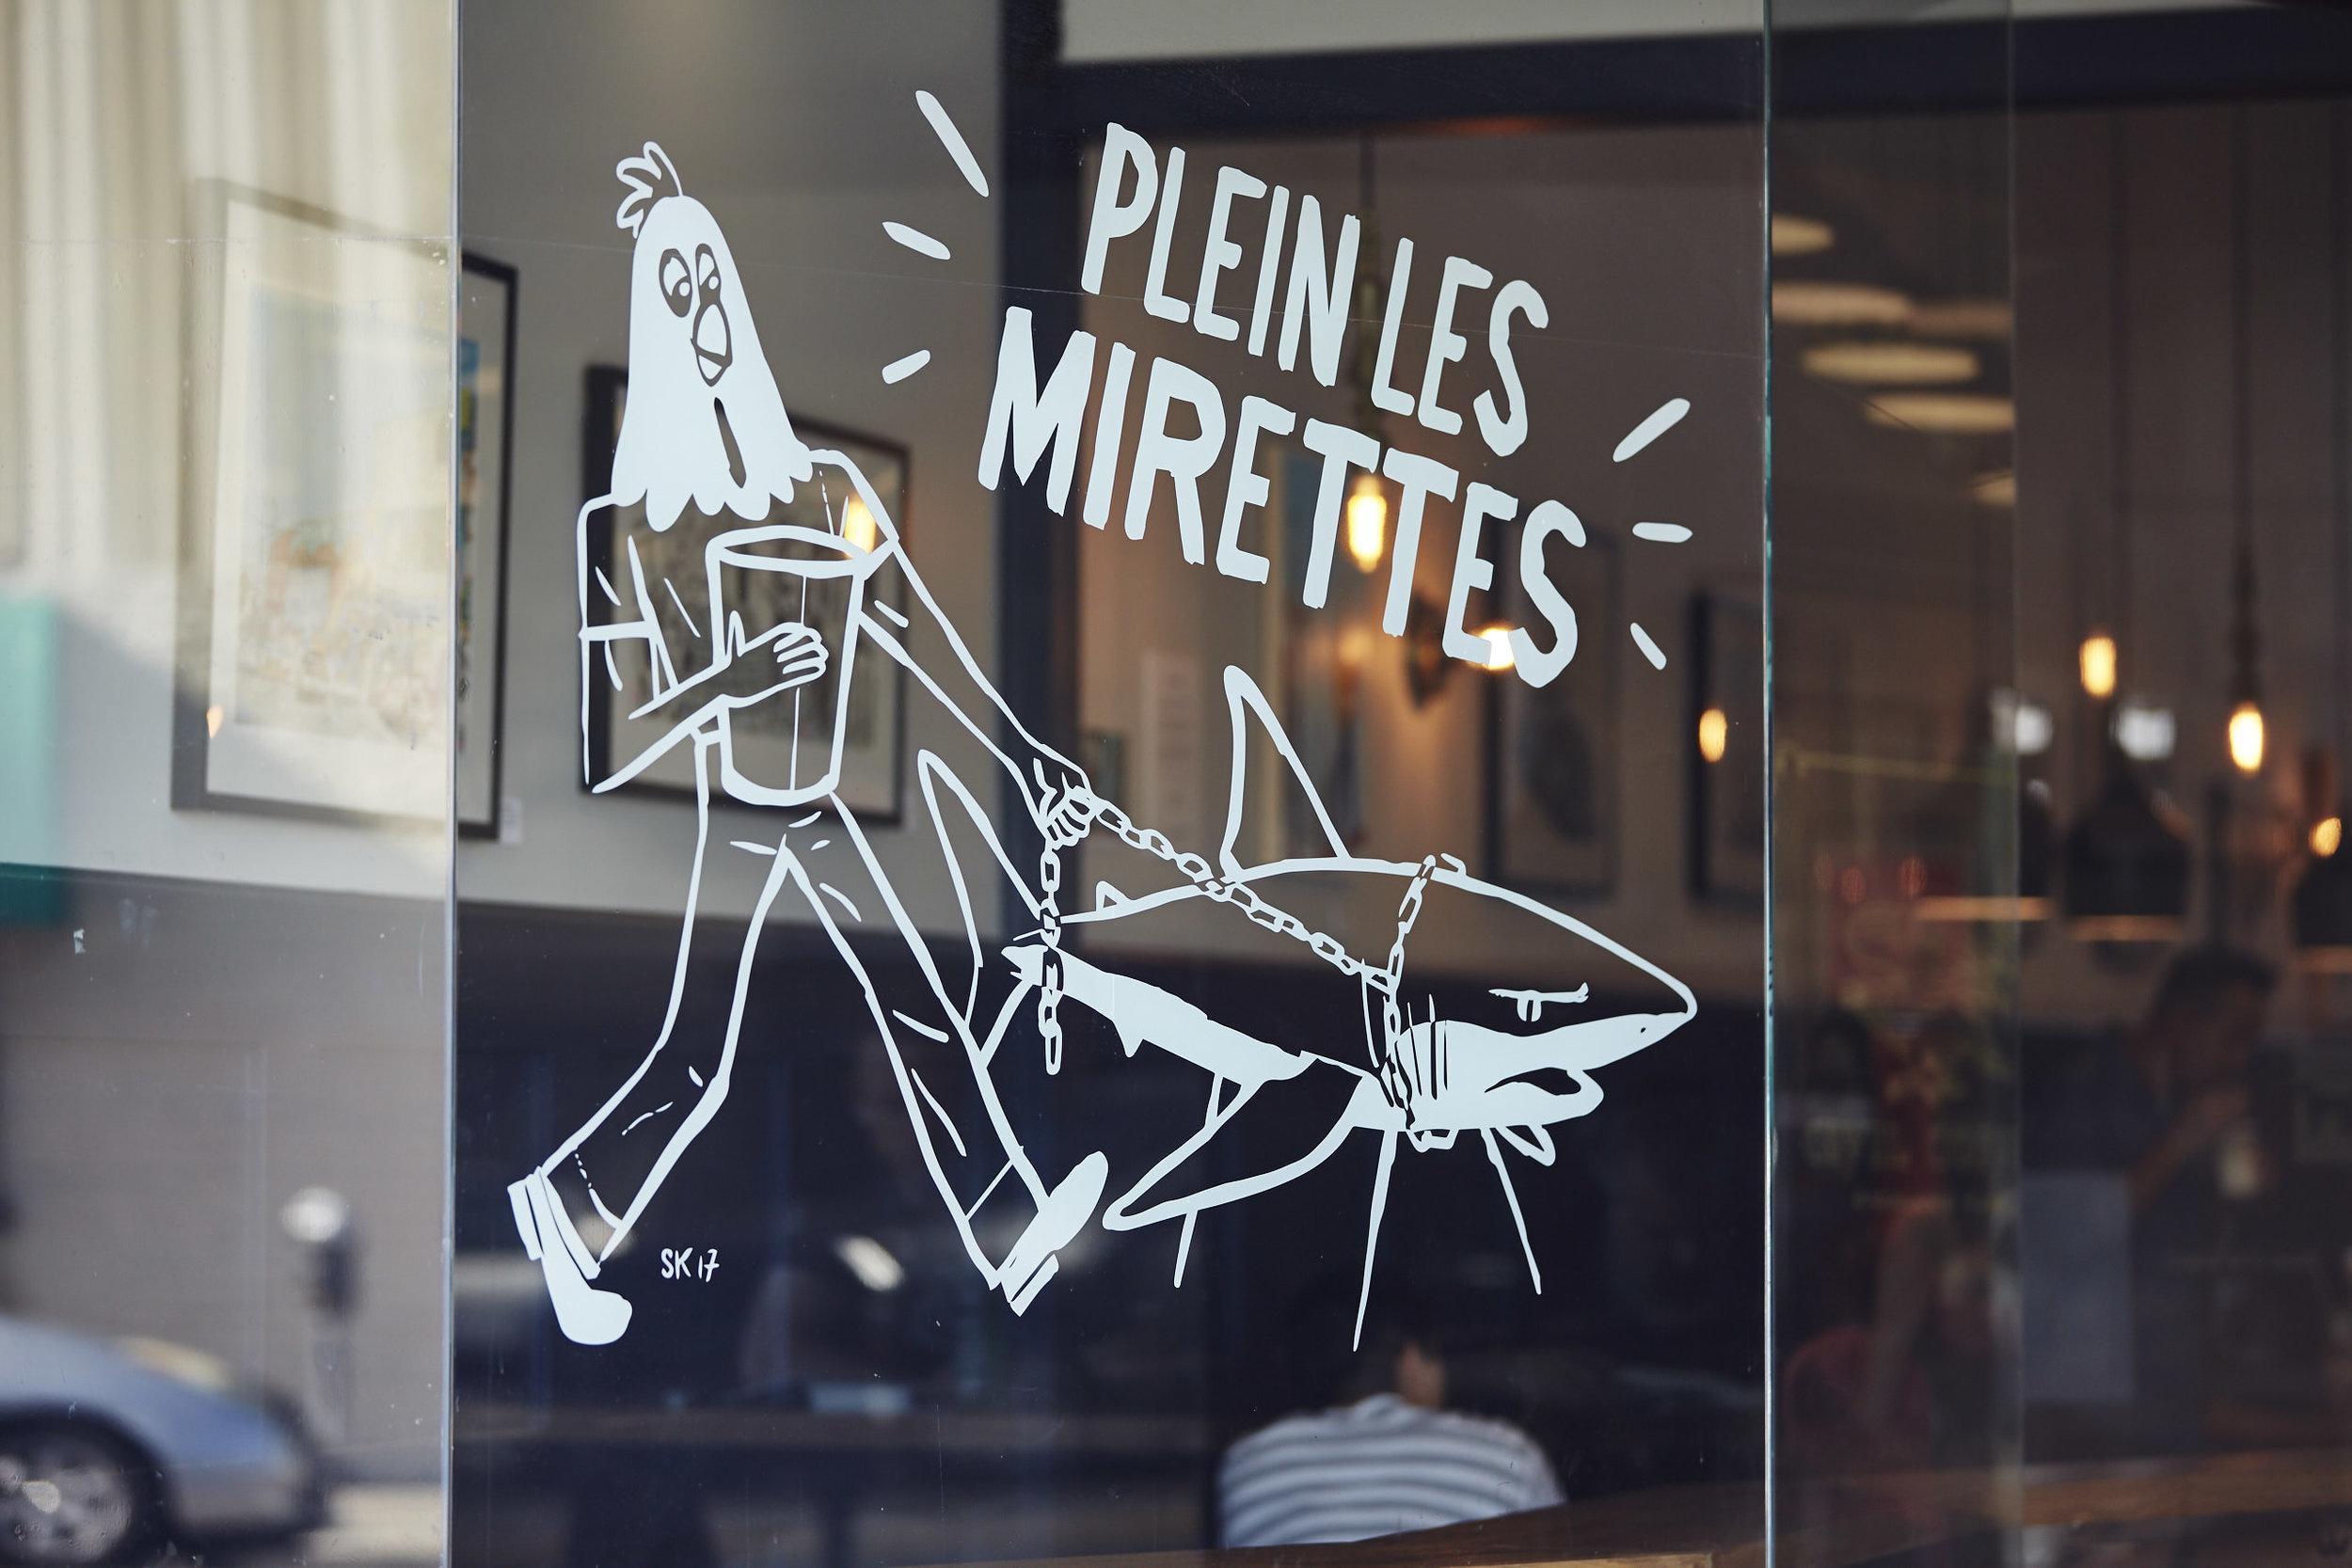 PleinLesMirettes_0201.jpg